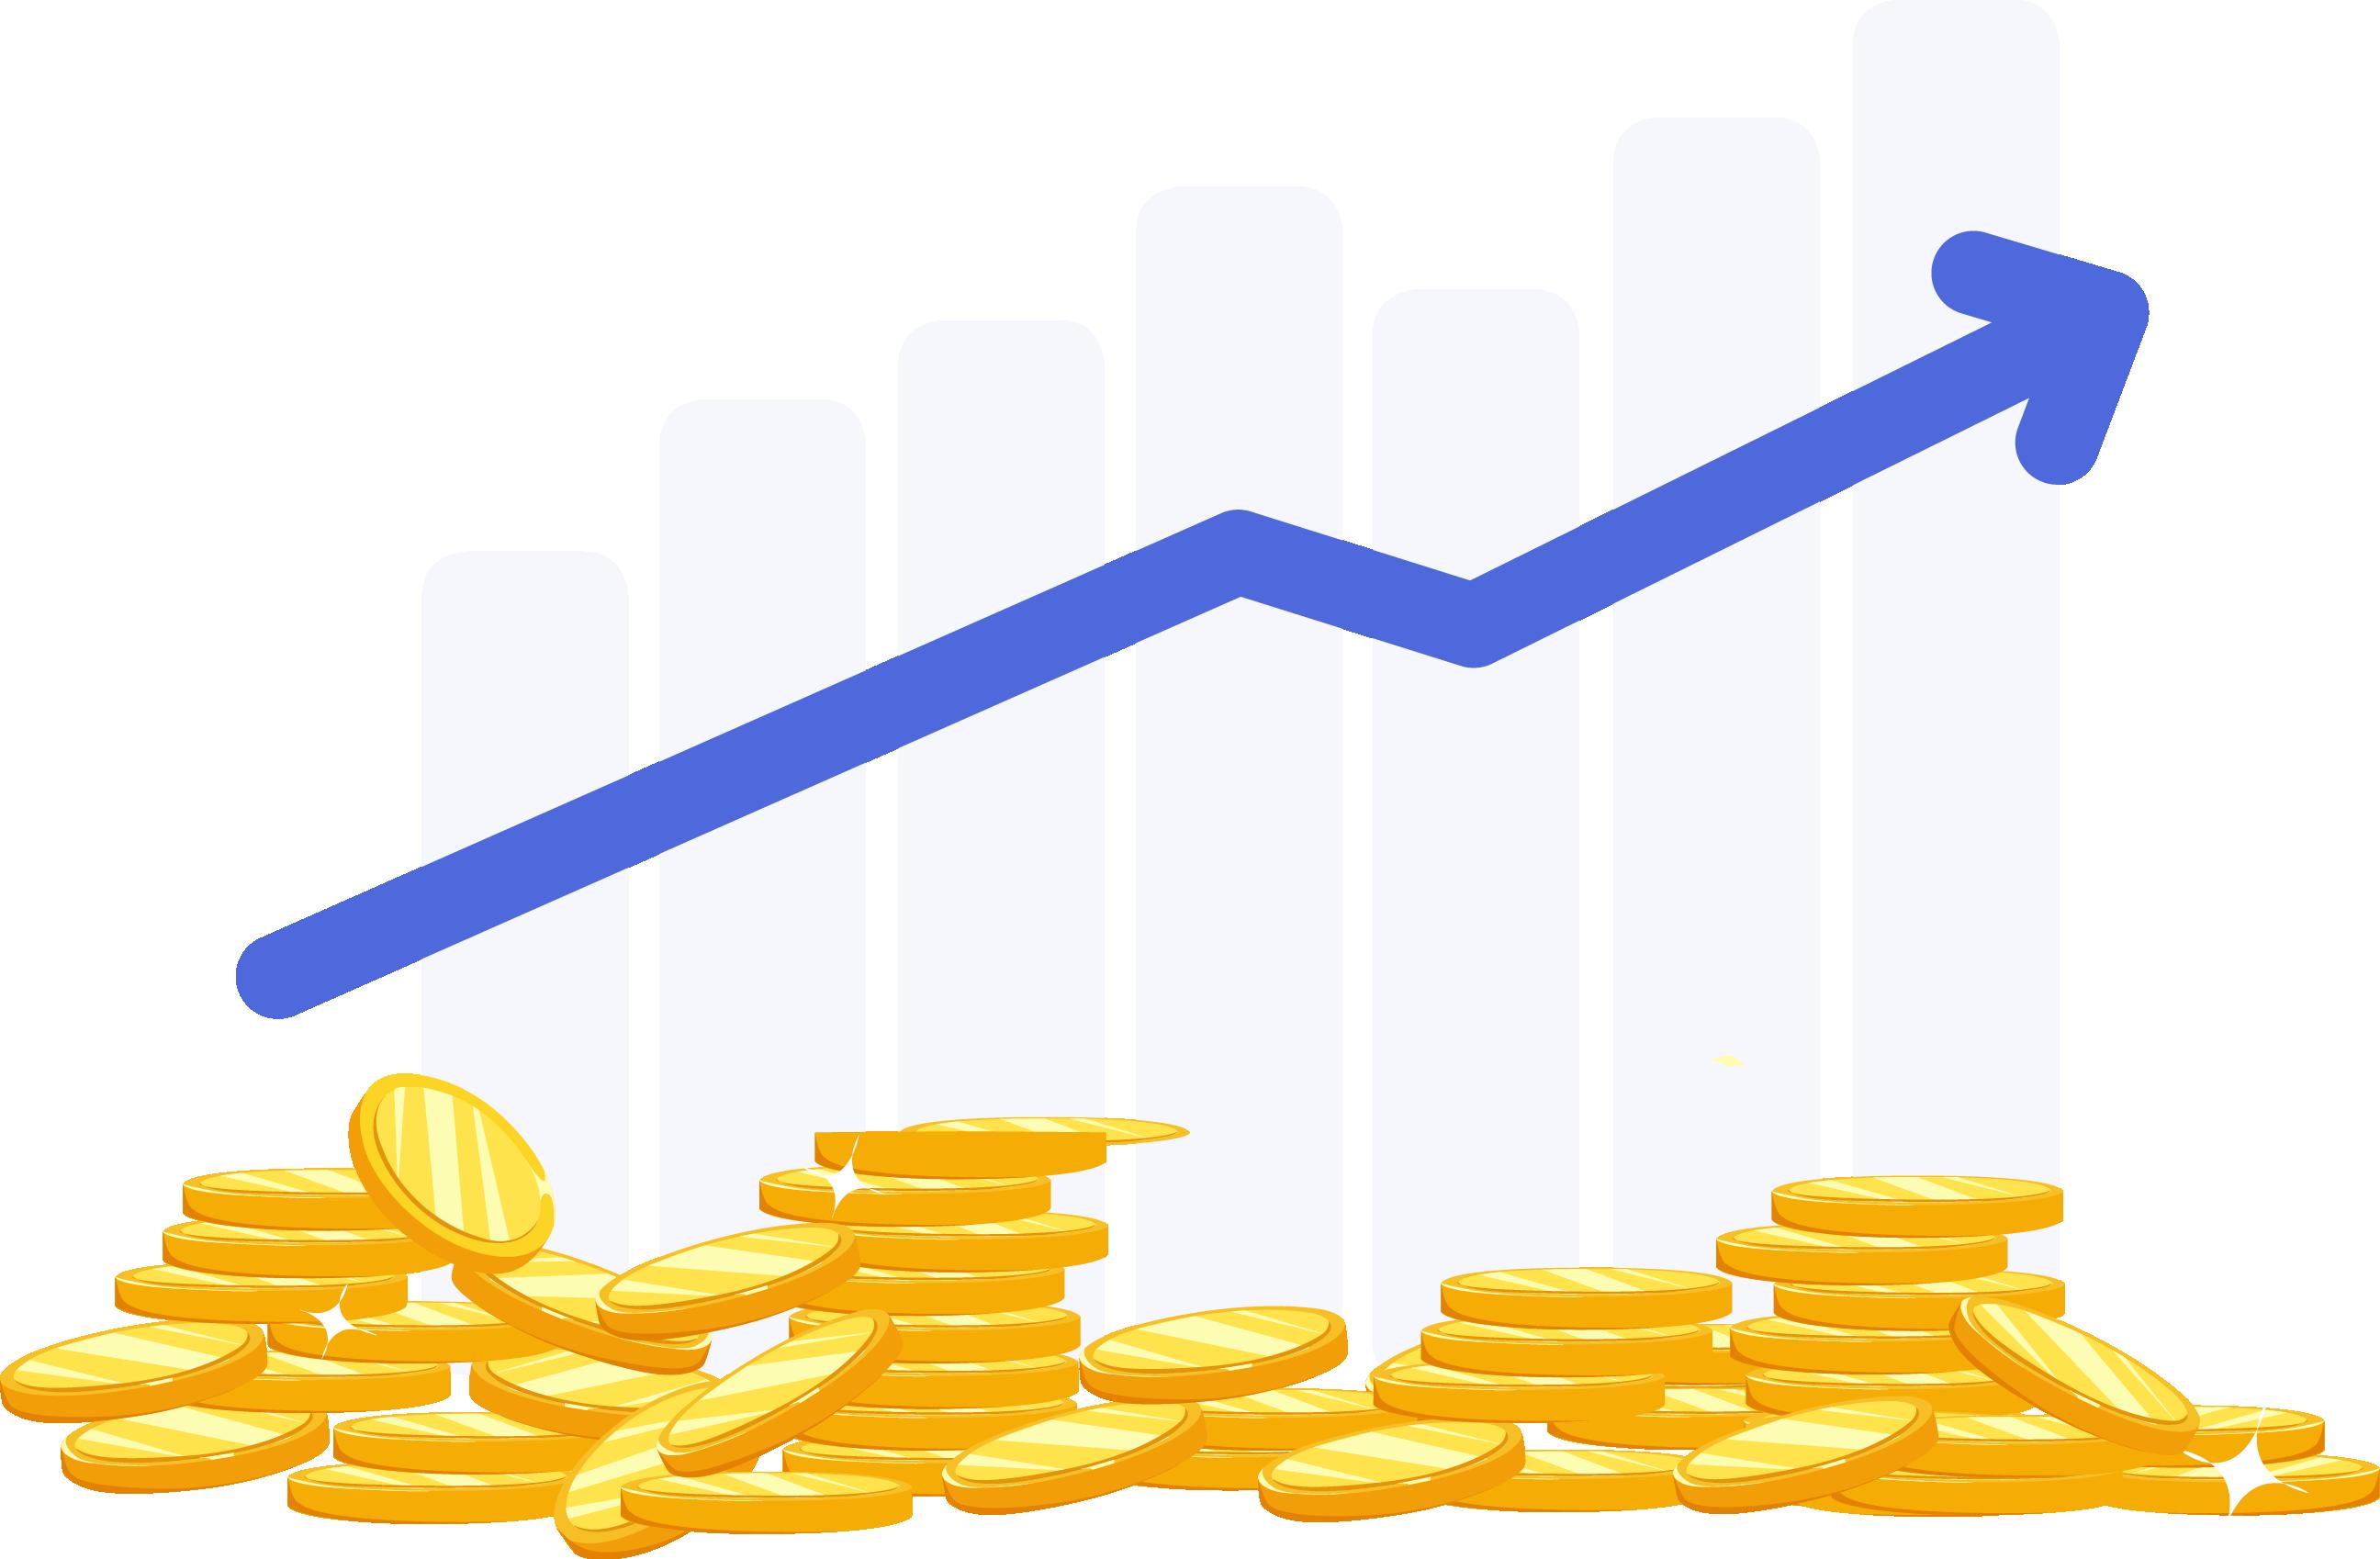 Steigender Gewinn blau